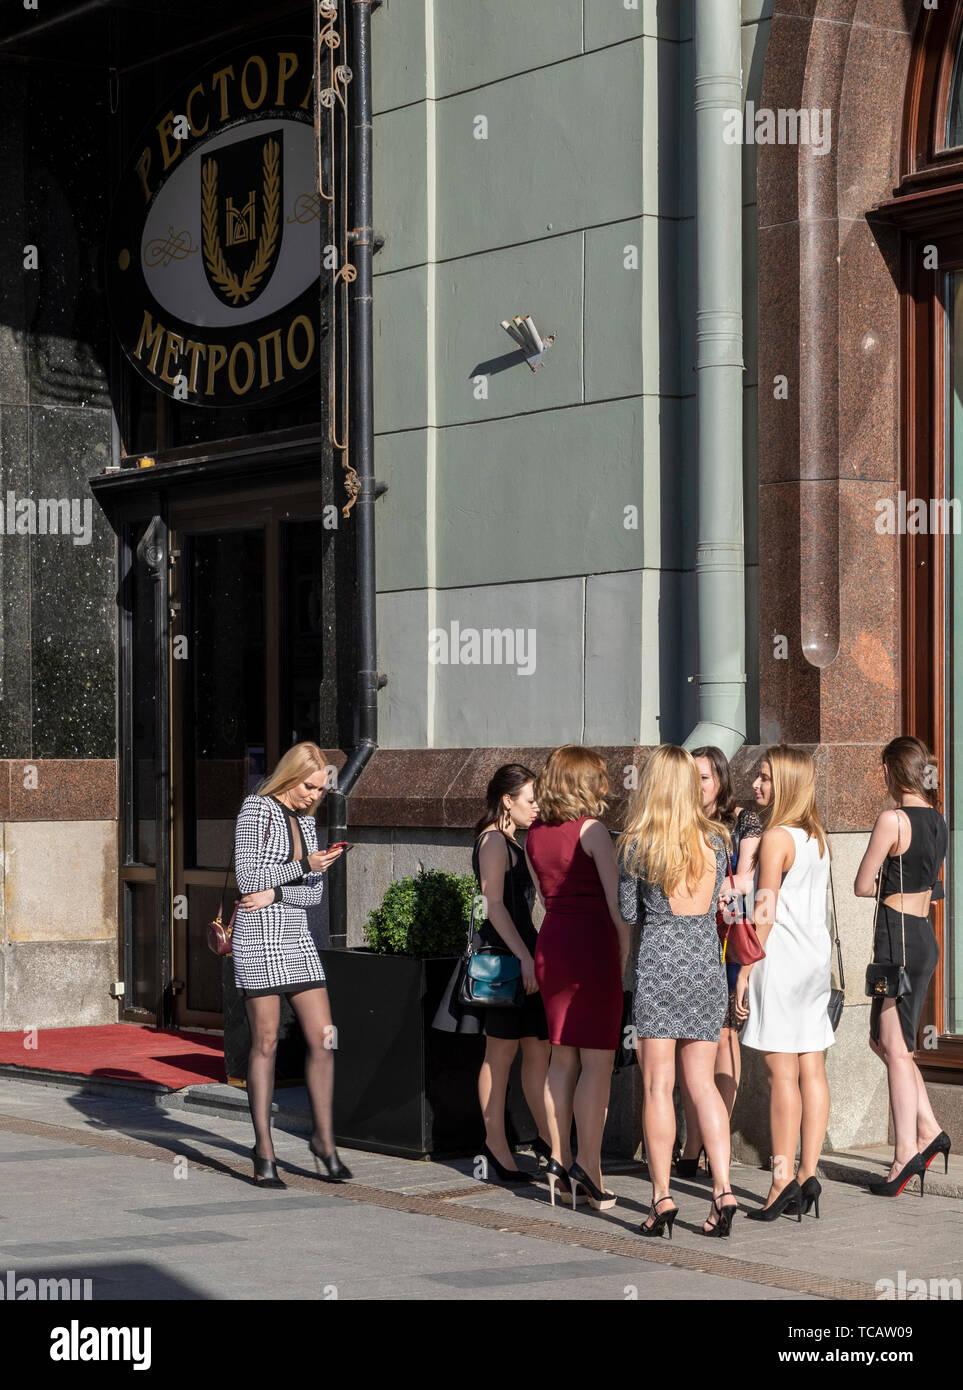 Grupo de jóvenes mujeres rusas en Fancy Dress and spike heels delante del Hotel Metropol, Moscú, Rusia Foto de stock